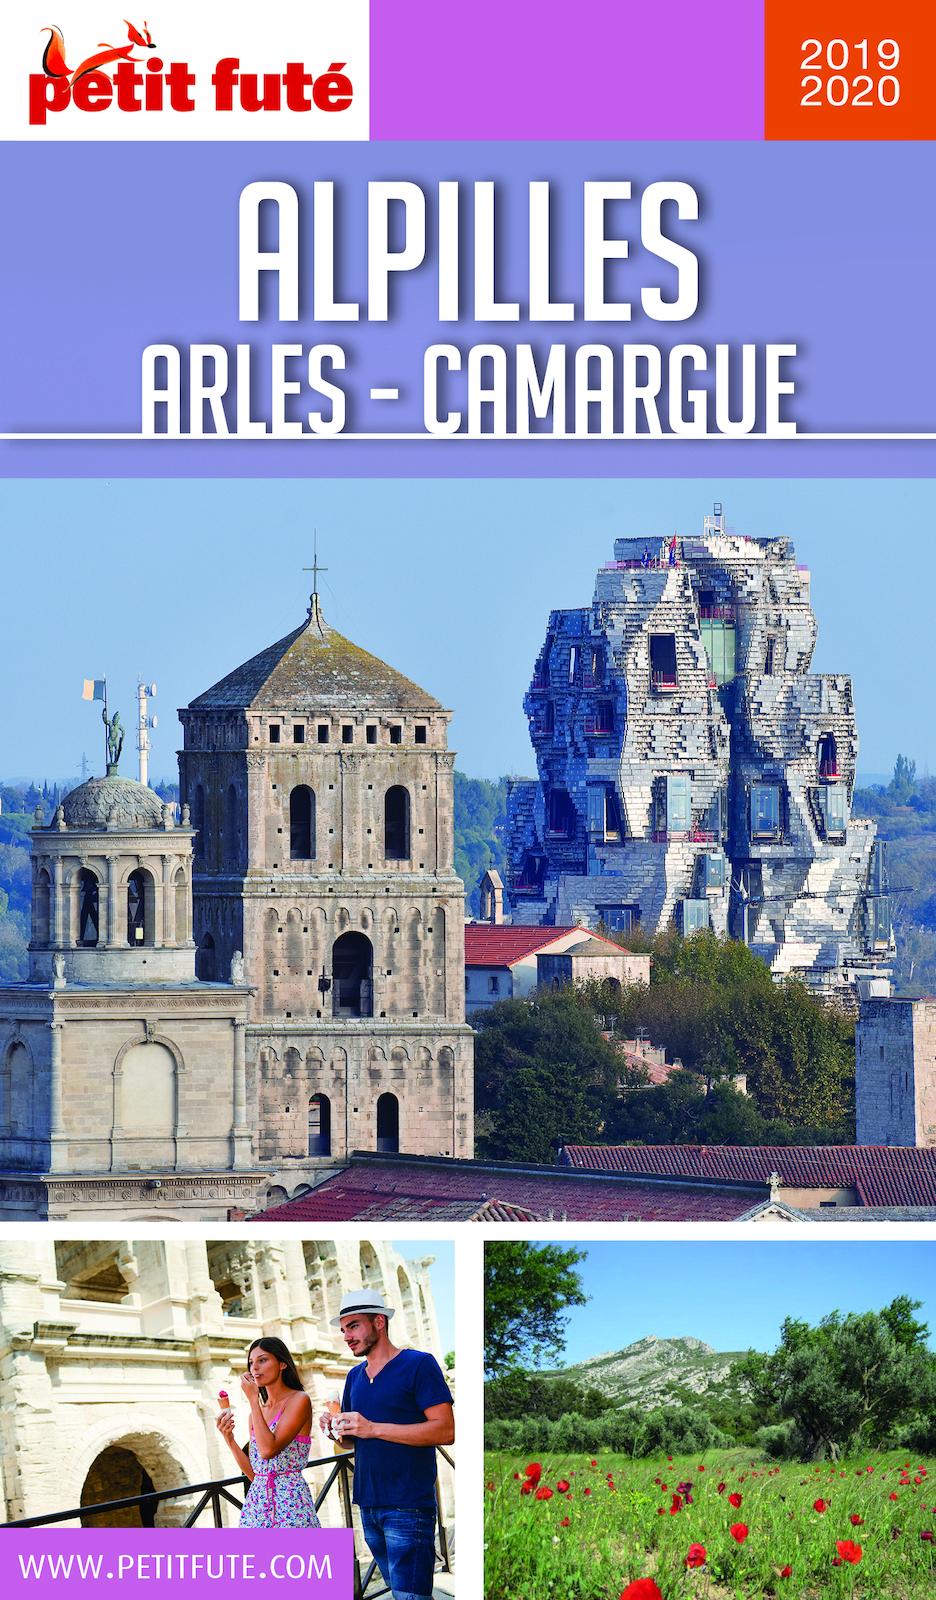 ALPILLES - CAMARGUE - ARLES 2019/2020 Petit Futé | Auzias, Dominique. Auteur